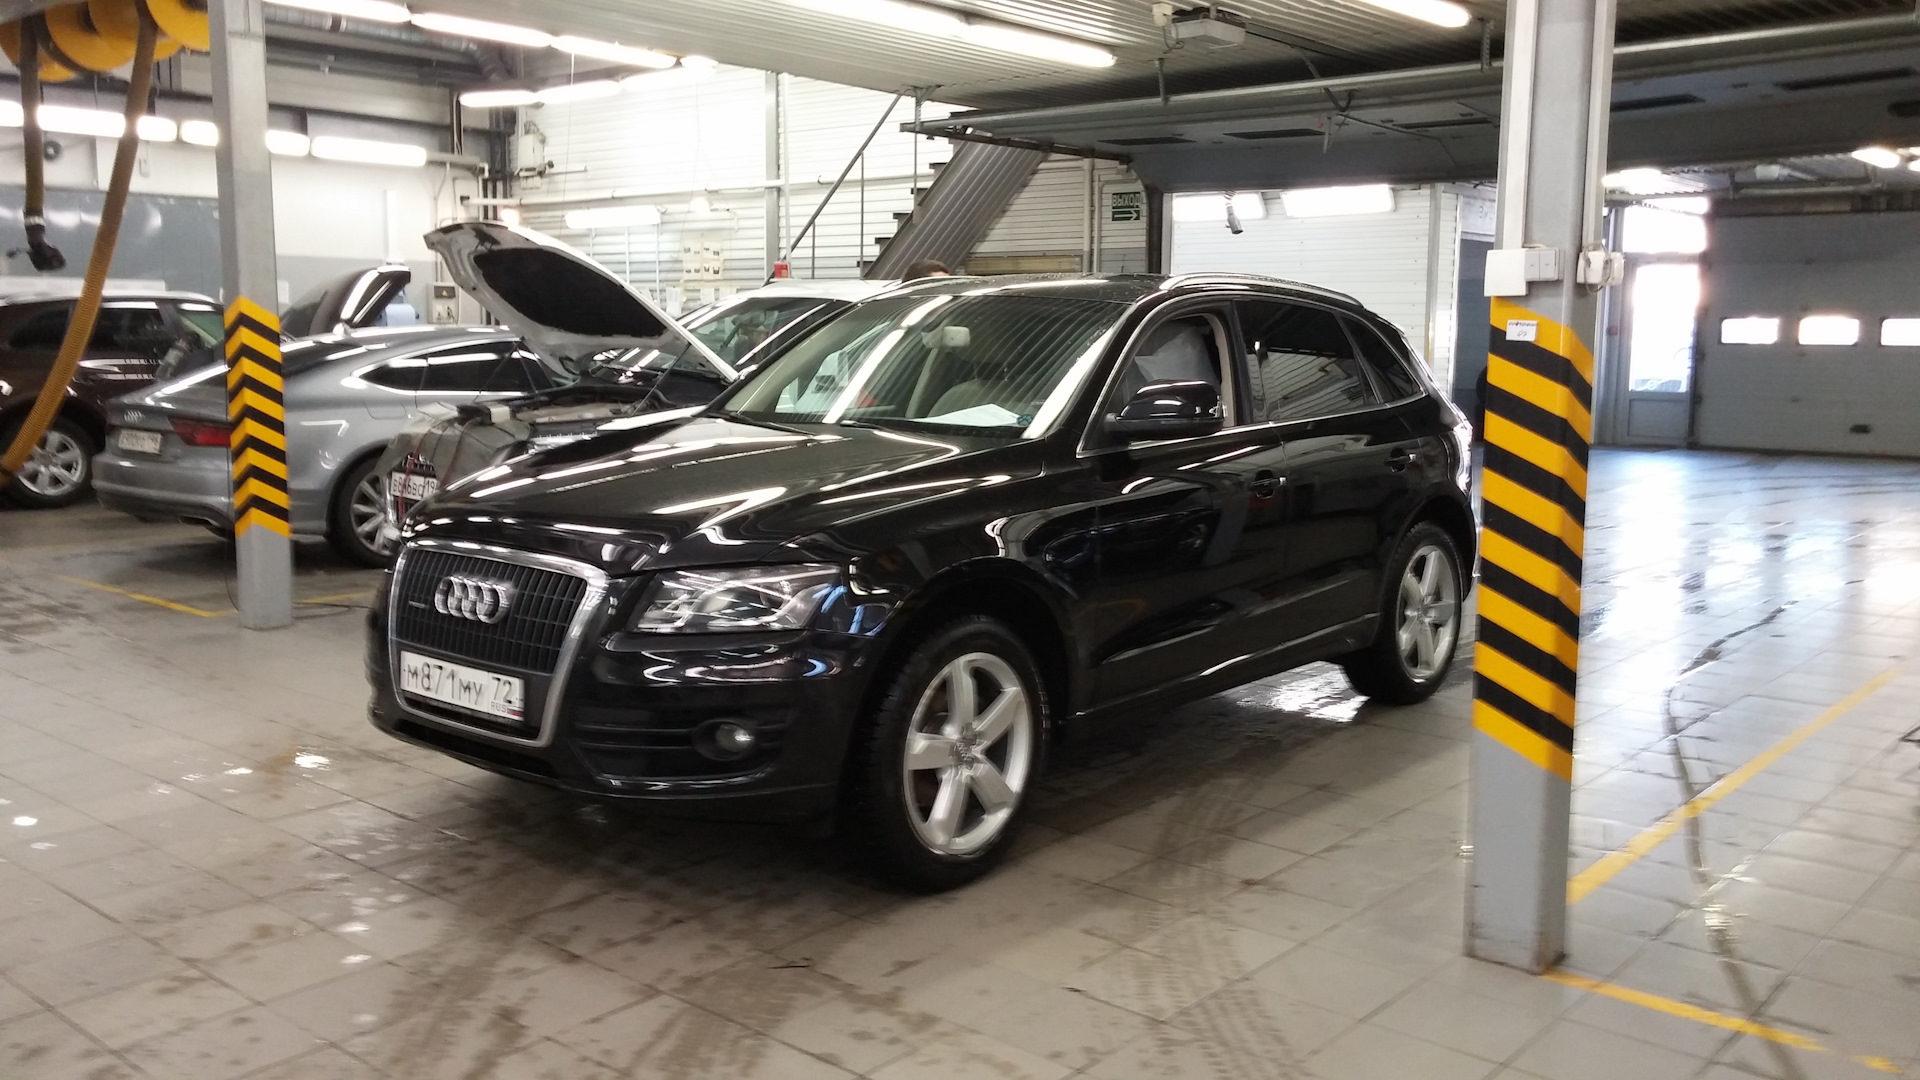 Запорізький прокурор отримав в подарунок від 70-річної матері Audi Q5